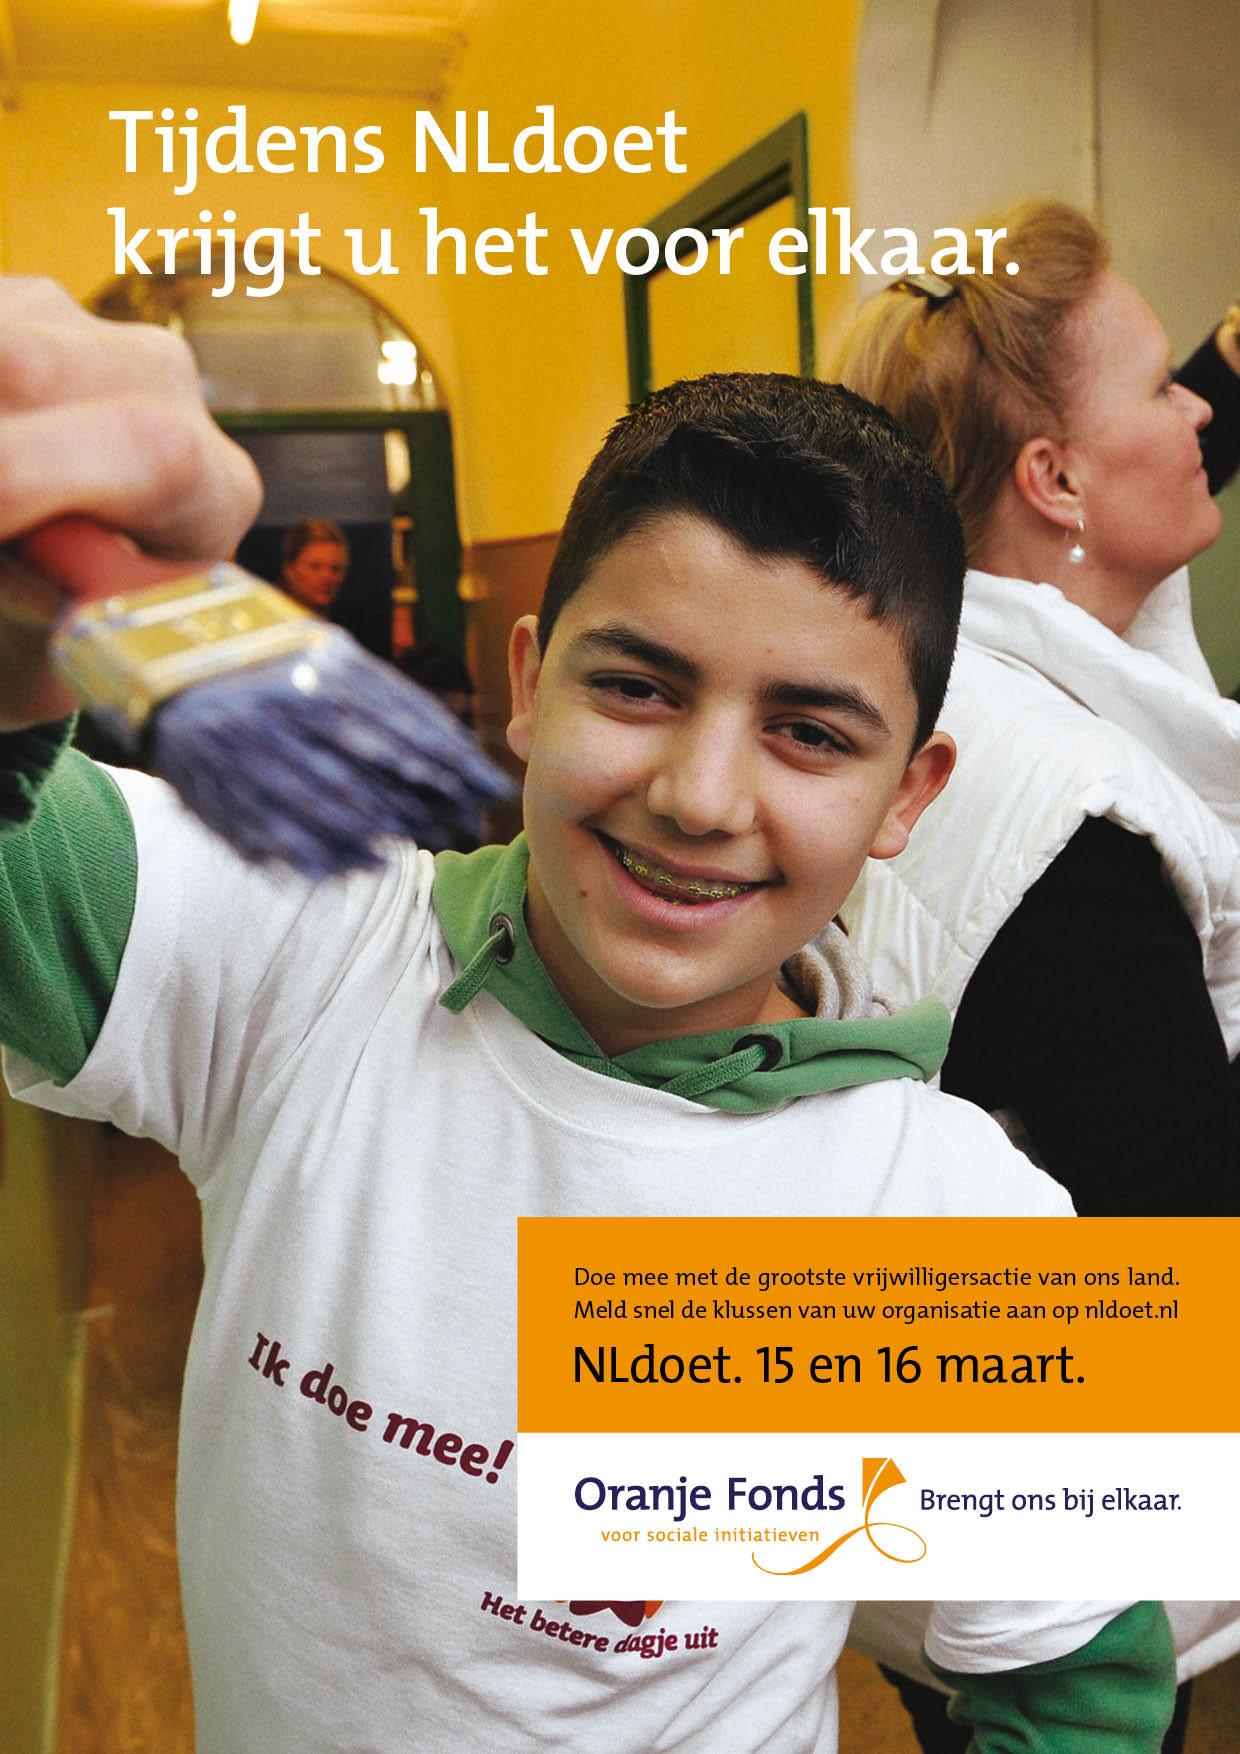 NL DOET advertentie | © Romijn Design